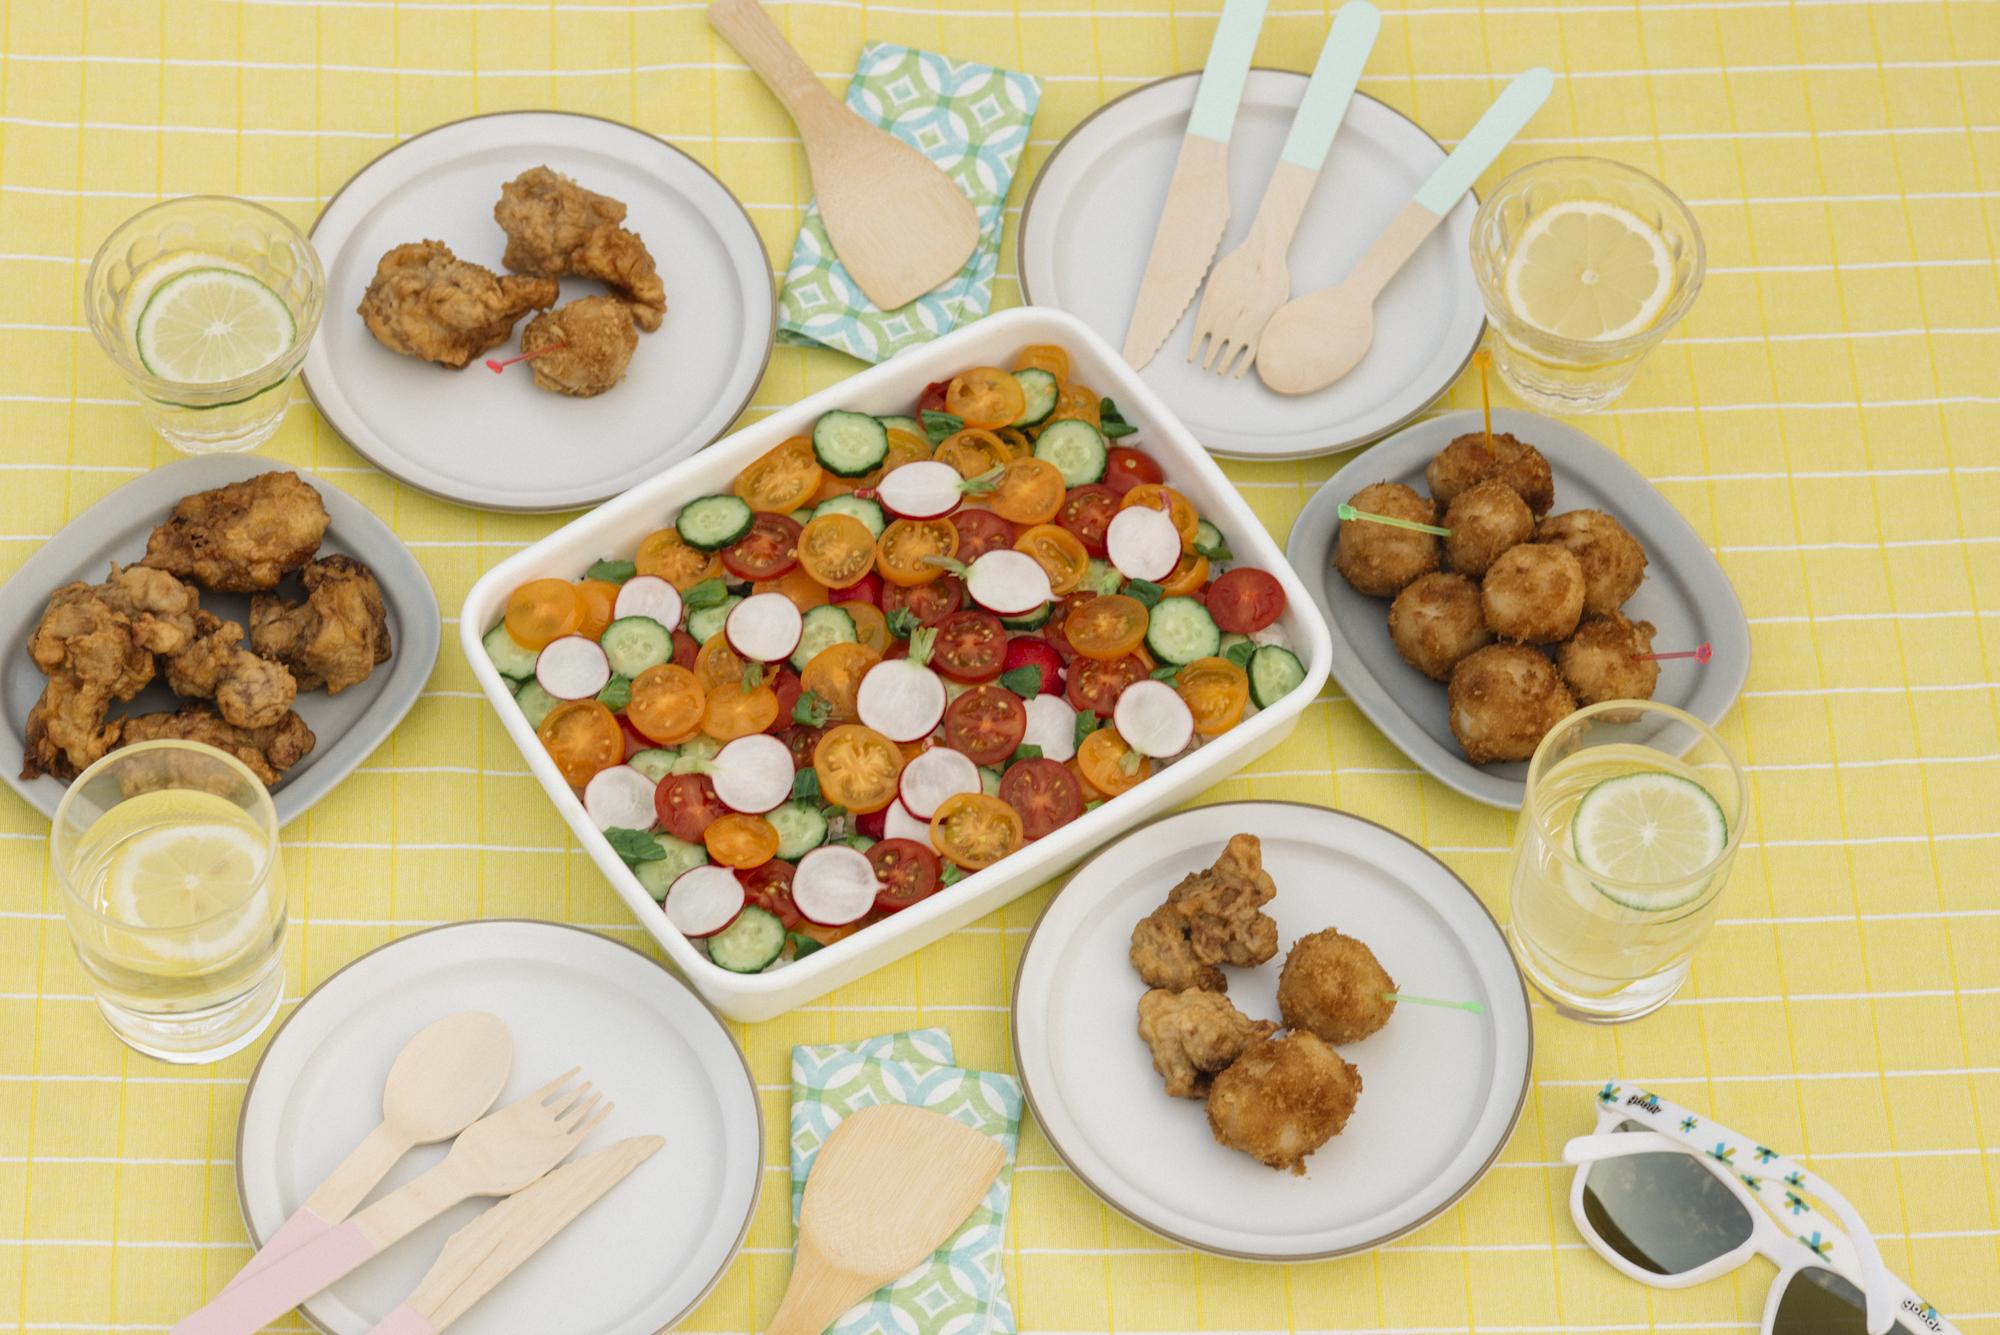 ラン前後に「トマト」国際中医薬膳師・フードコーディネーターのオリジナルレシピ